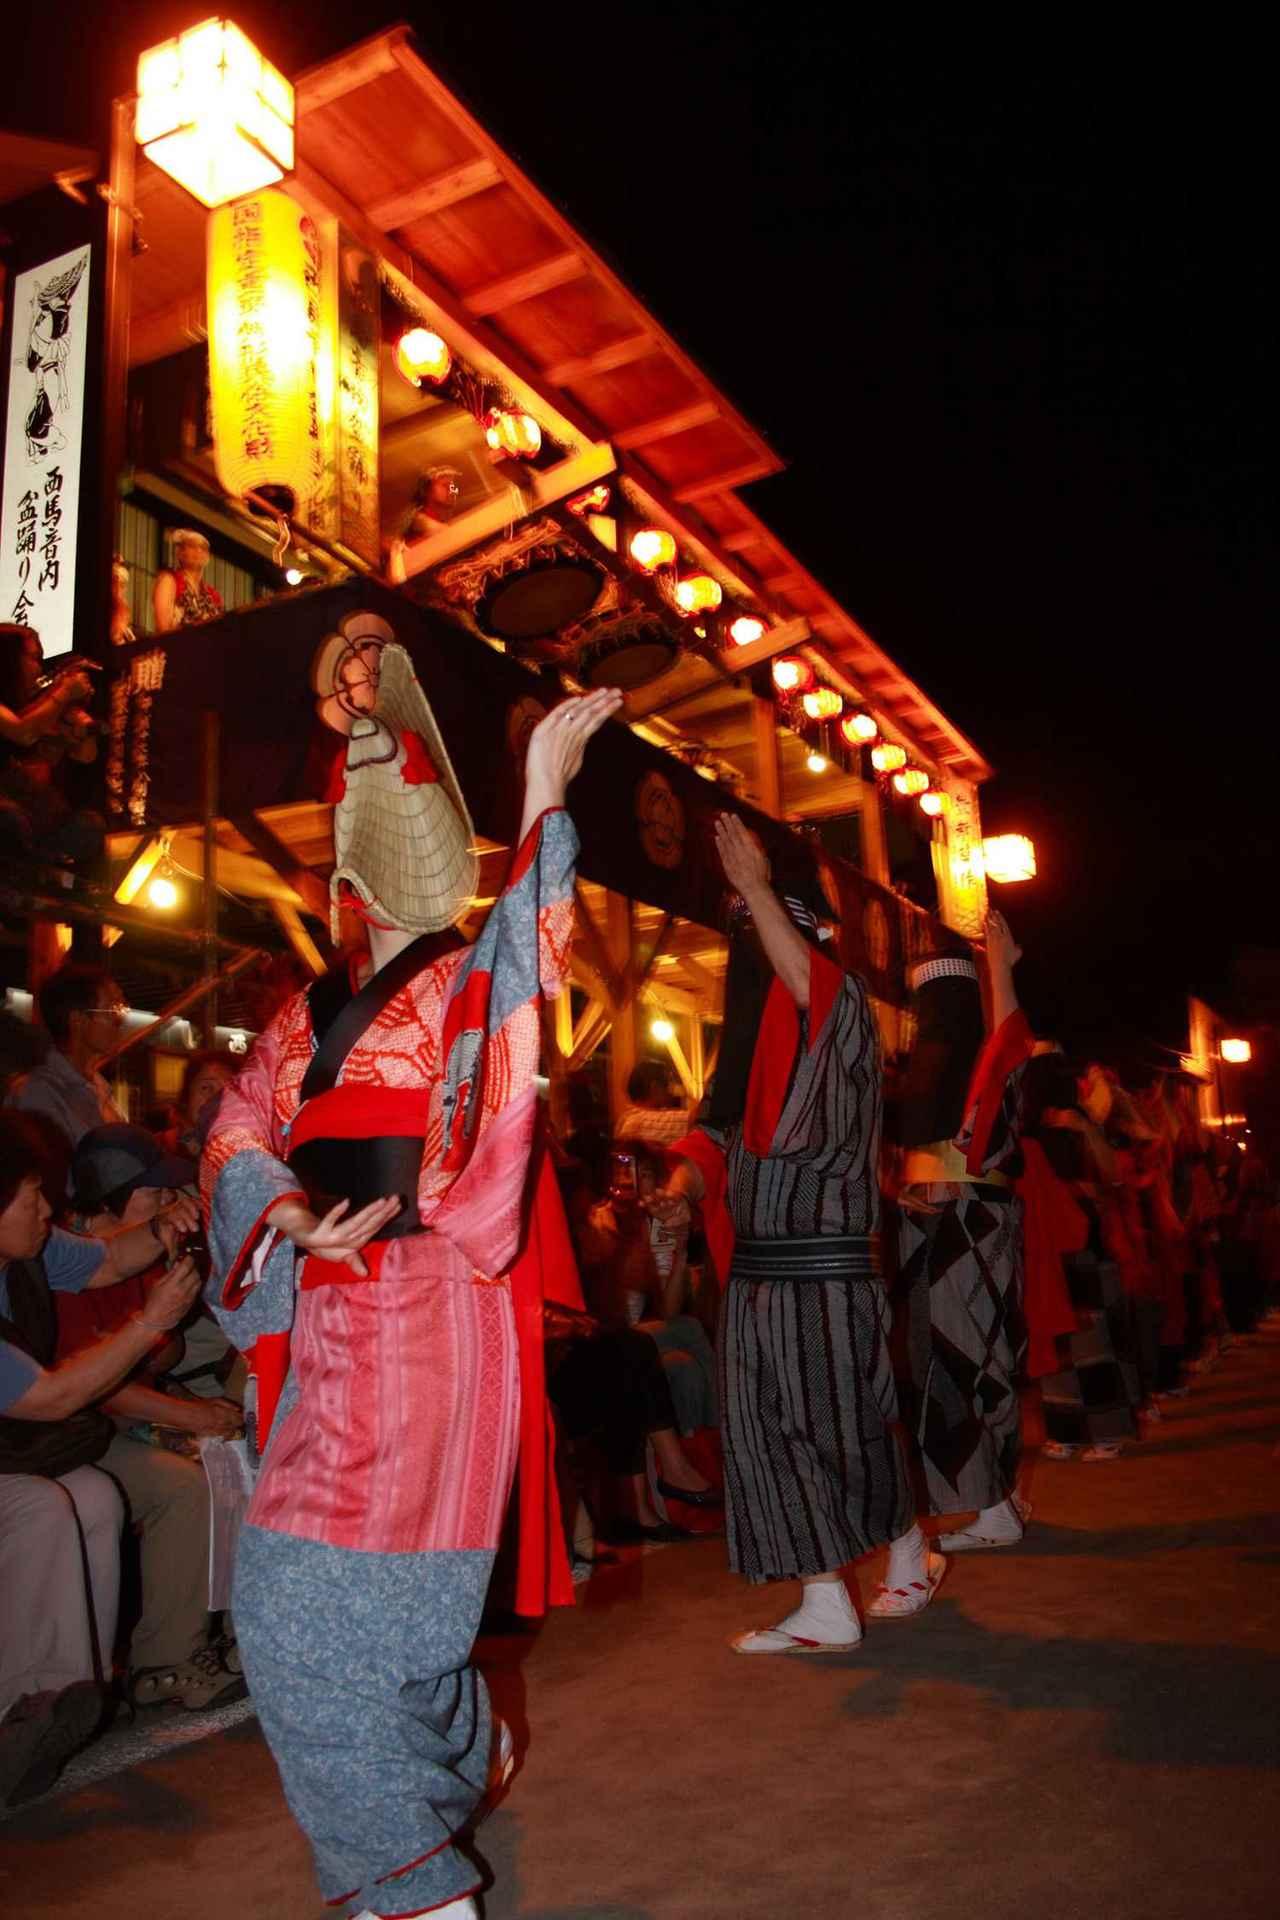 画像: 編み笠で顔を隠して踊る姿